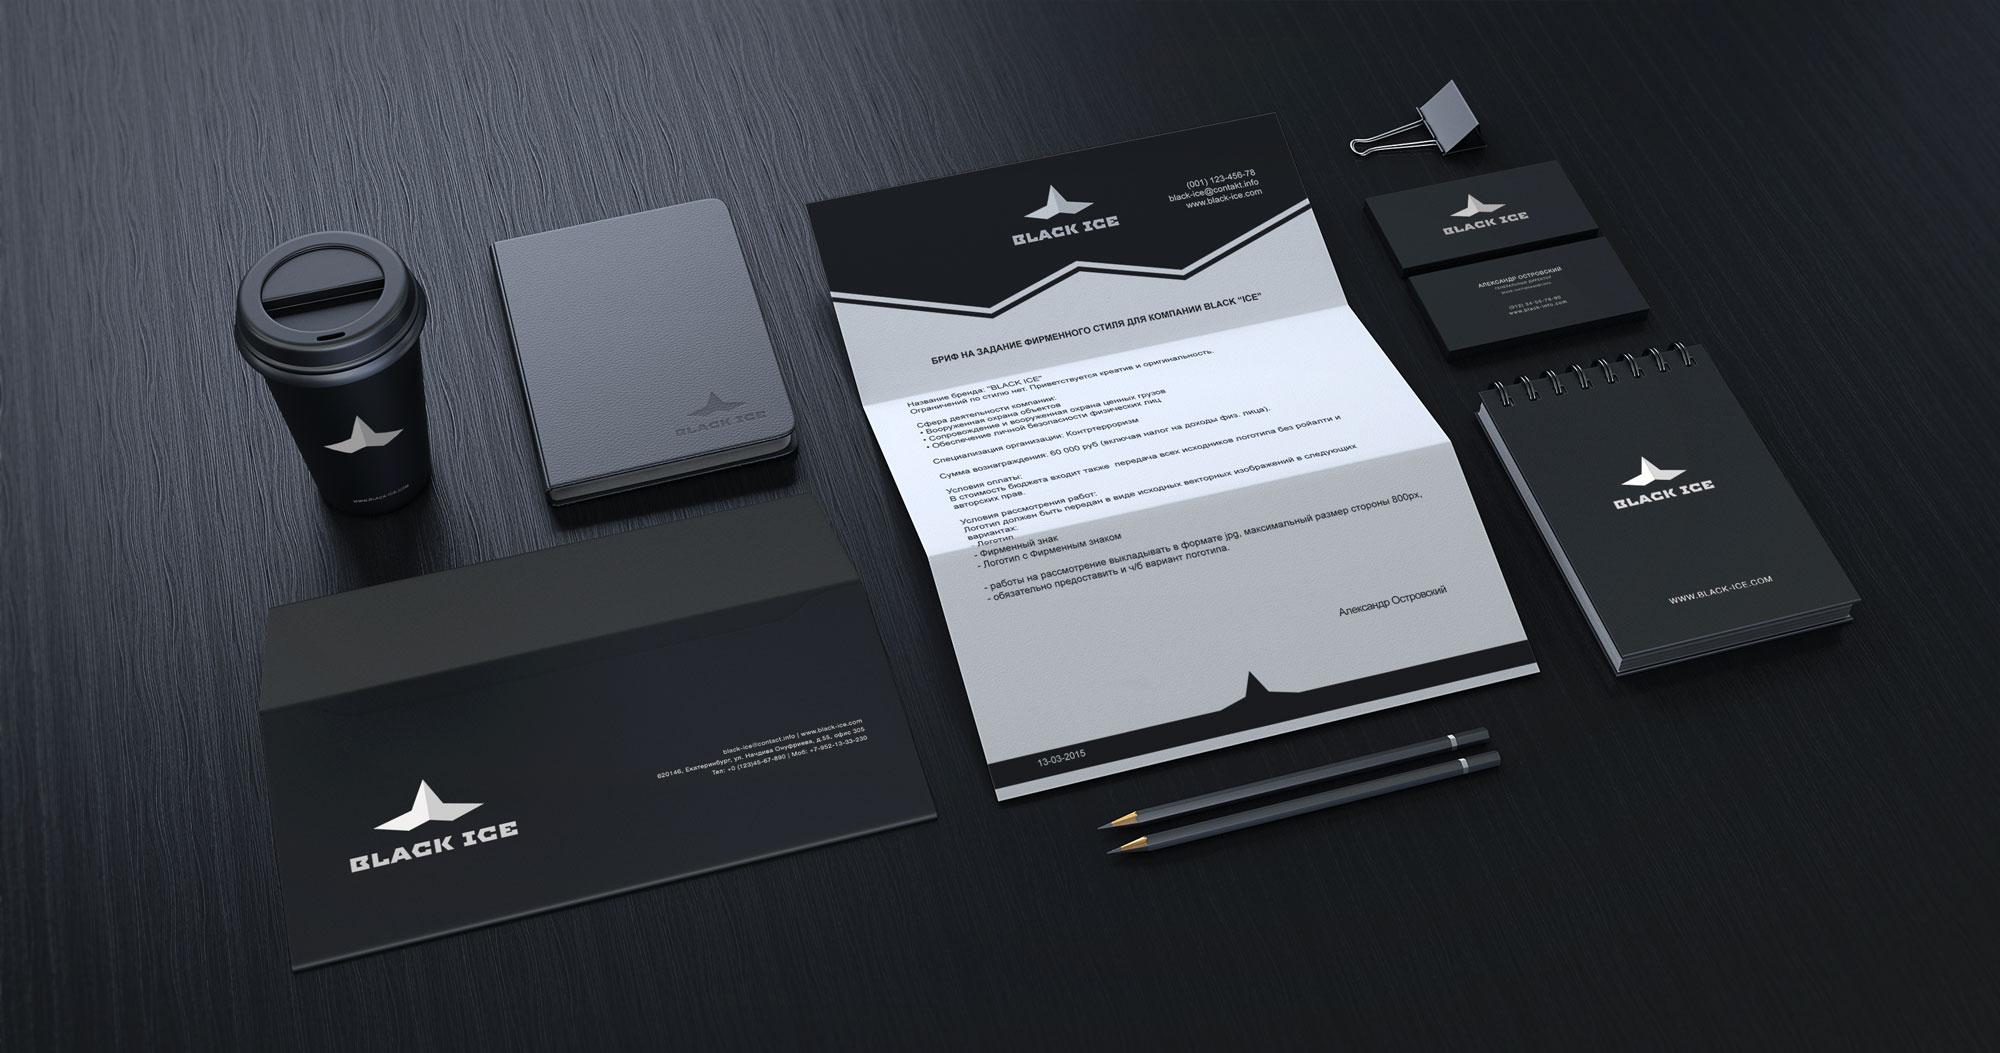 """Логотип + Фирменный стиль для компании """"BLACK ICE"""" фото f_61456e57b5b1c096.jpg"""